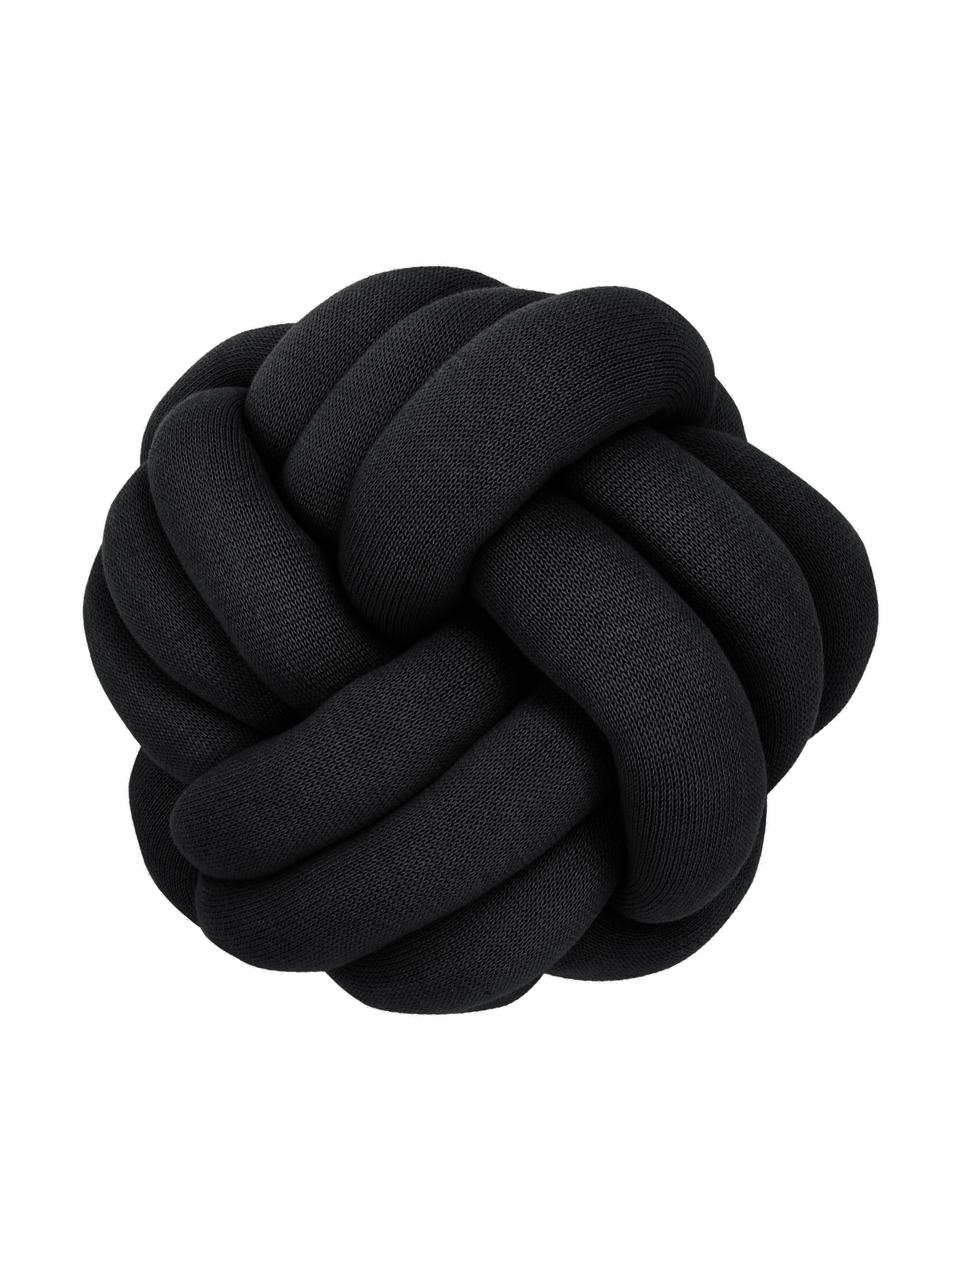 Geknoopt kussen Twist in zwart, Zwart, Ø 30 cm